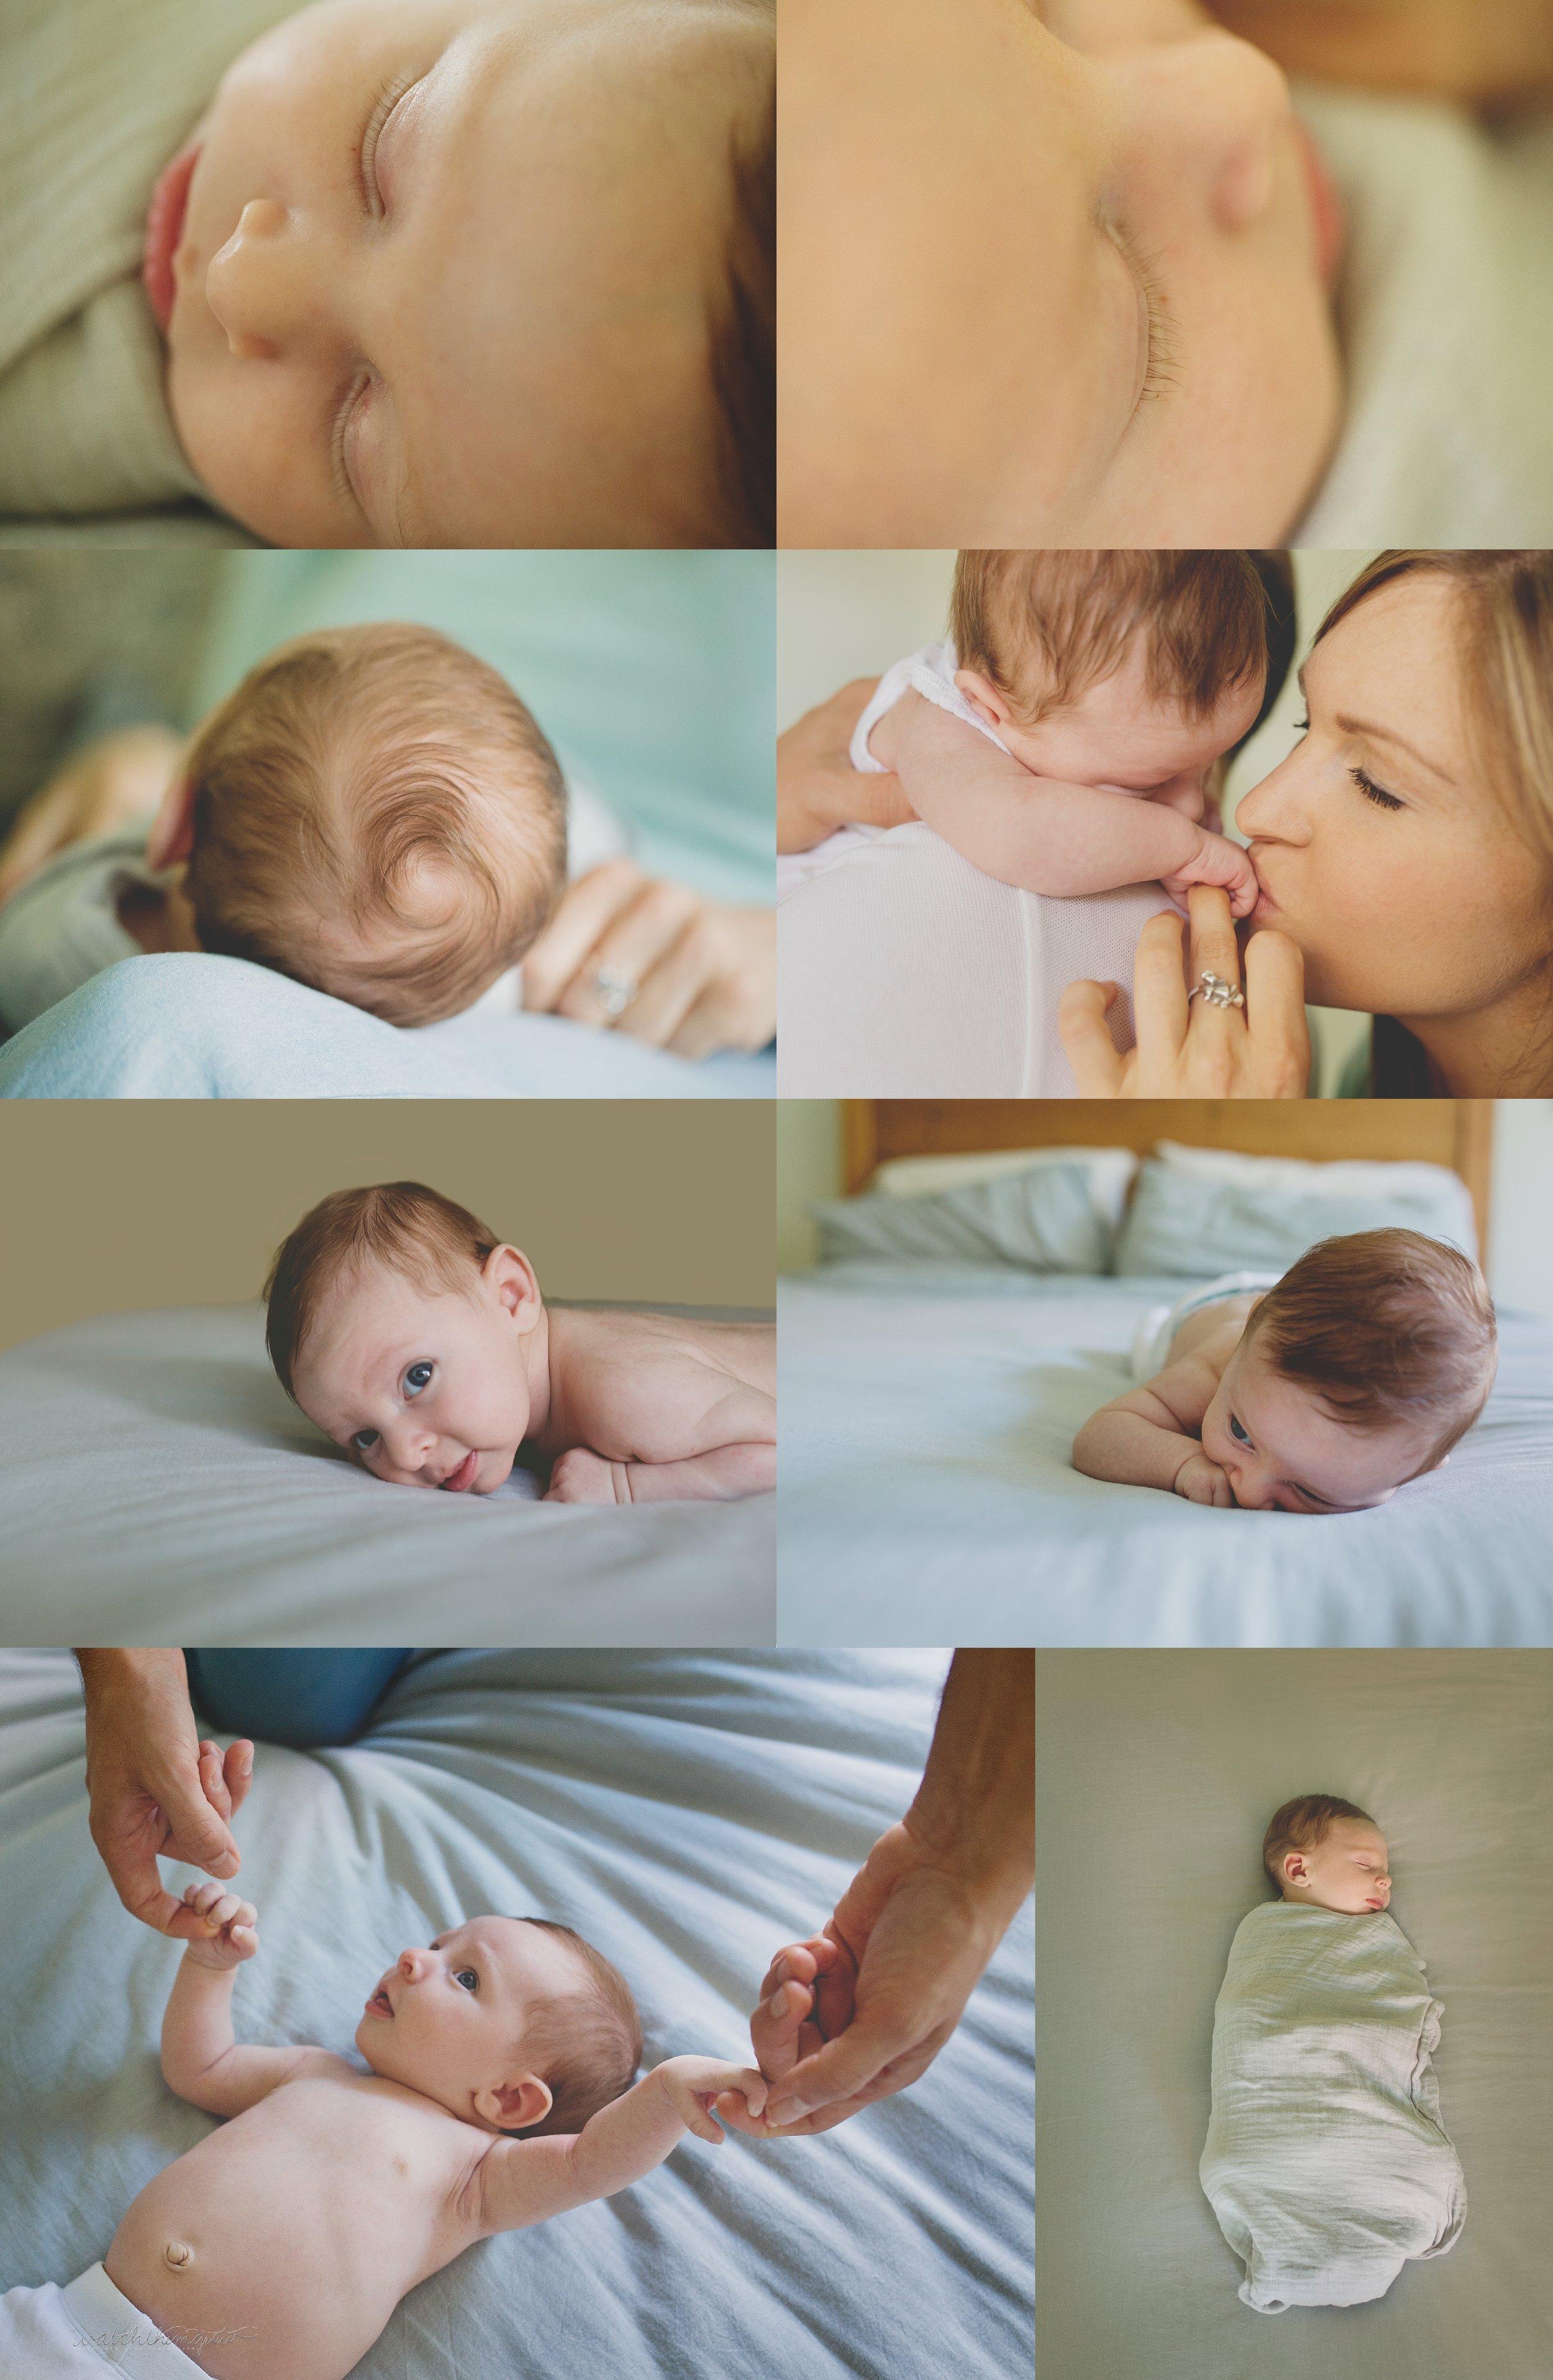 Newborn baby details!